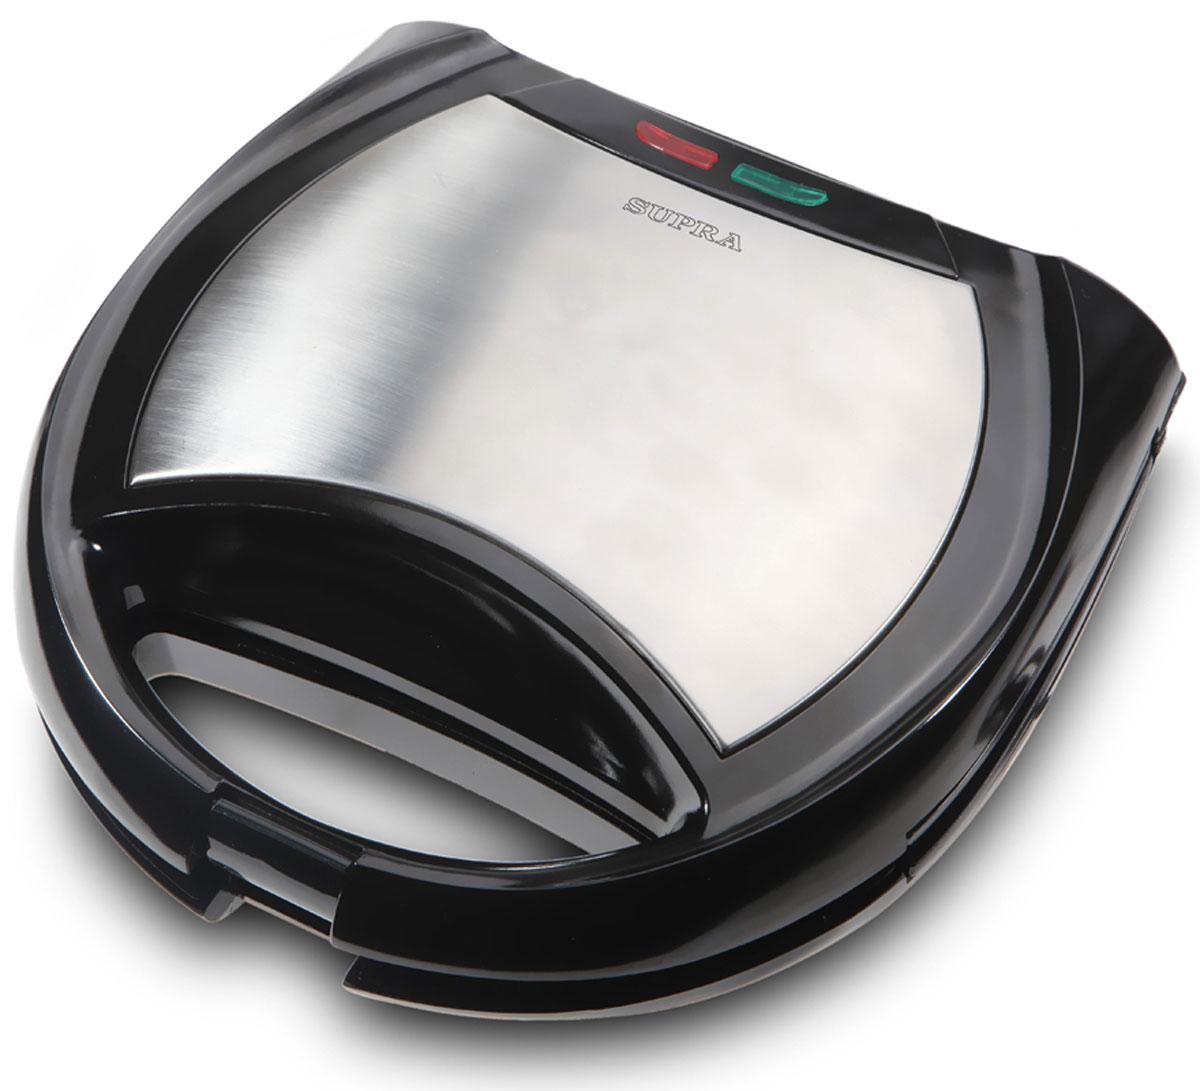 Supra WIS-444 вафельницаWIS-444Supra WIS-444 - простой в эксплуатации и удобный многофункциональный кухонный электрический прибор, позволяющий быстро и качественно поджарить домашние вафли или сэндвичи. Так же, благодаря сменным жарочным поверхностям, можно использовать прибор в качестве контактного гриля, обжаривая кусковые порции различных продуктов. Тип: 4 в 1 (вафельница, орешница на 12 половинок, сендвичница, гриль) Прорезиненные ножки Ручка с фиксатором Ненагревающиеся ручки Антипригарное покрытие